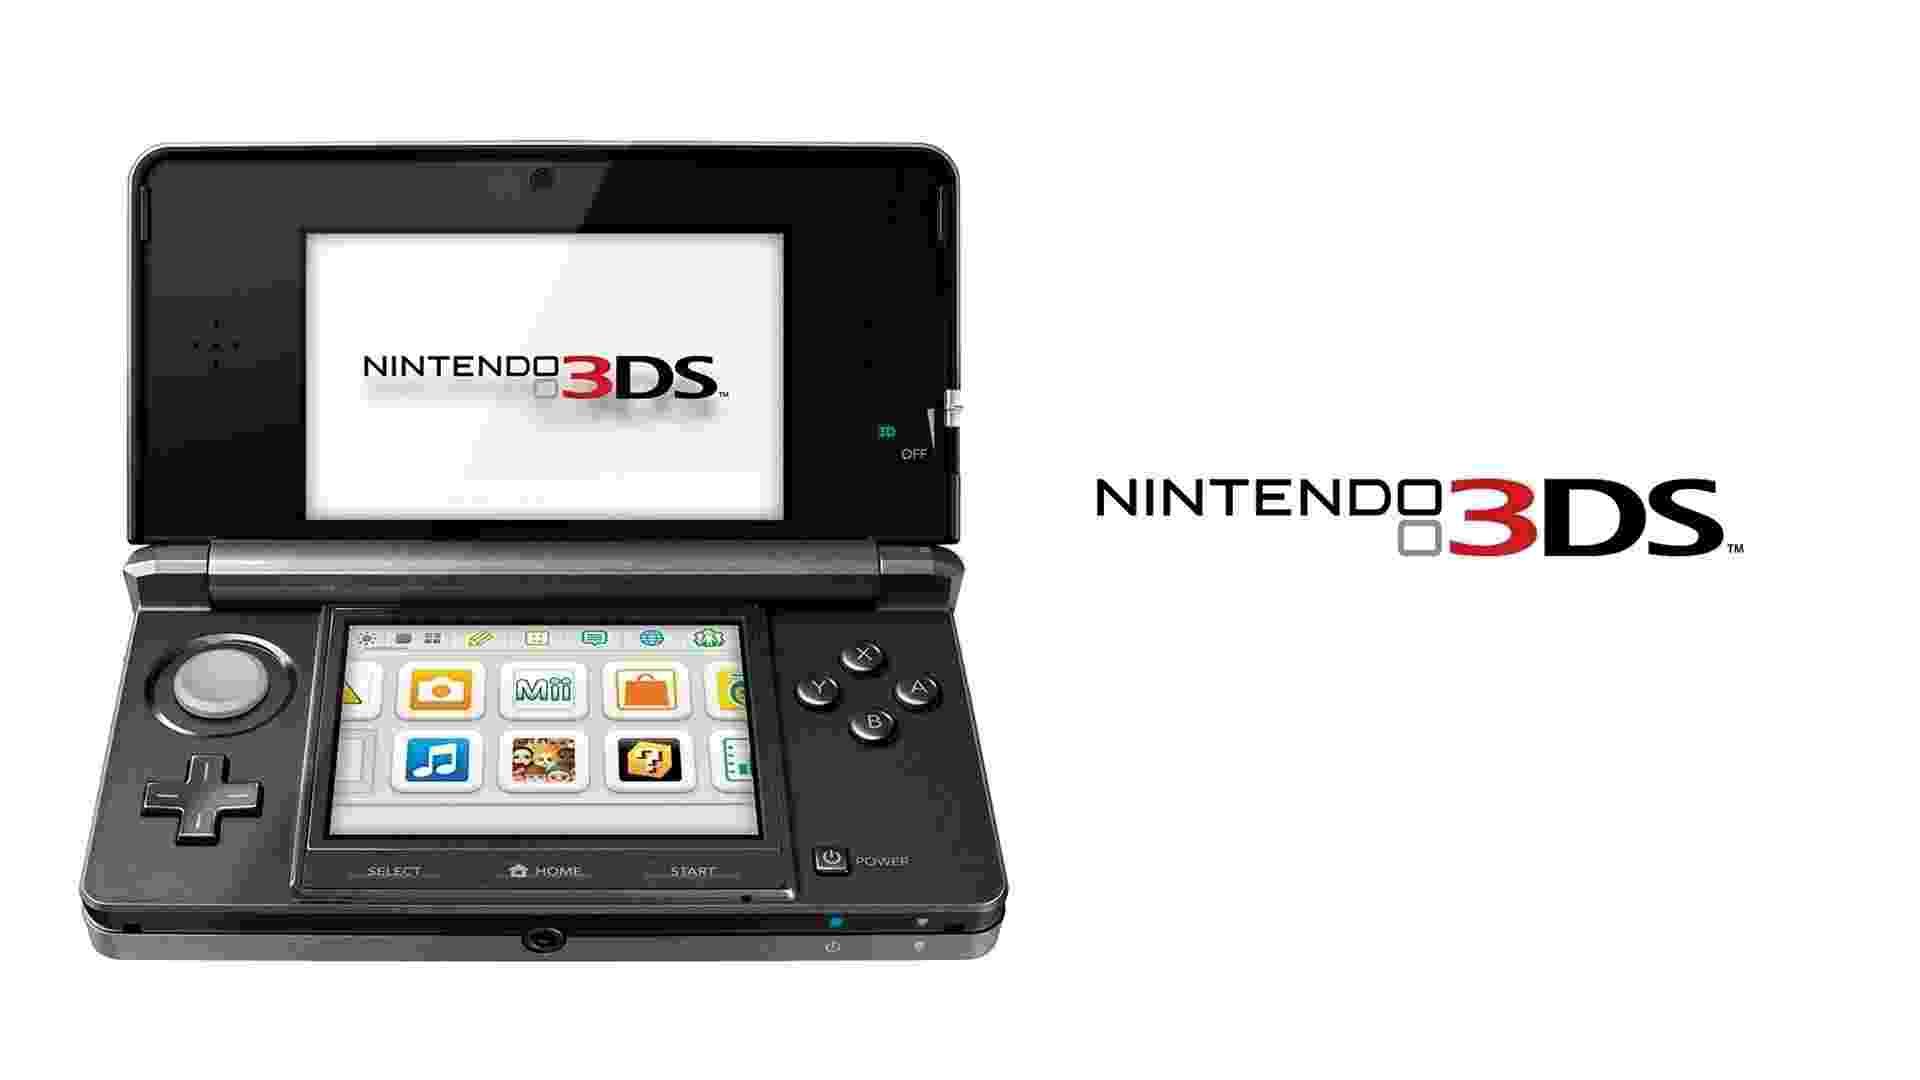 Nintendo 3DS - Reprodução